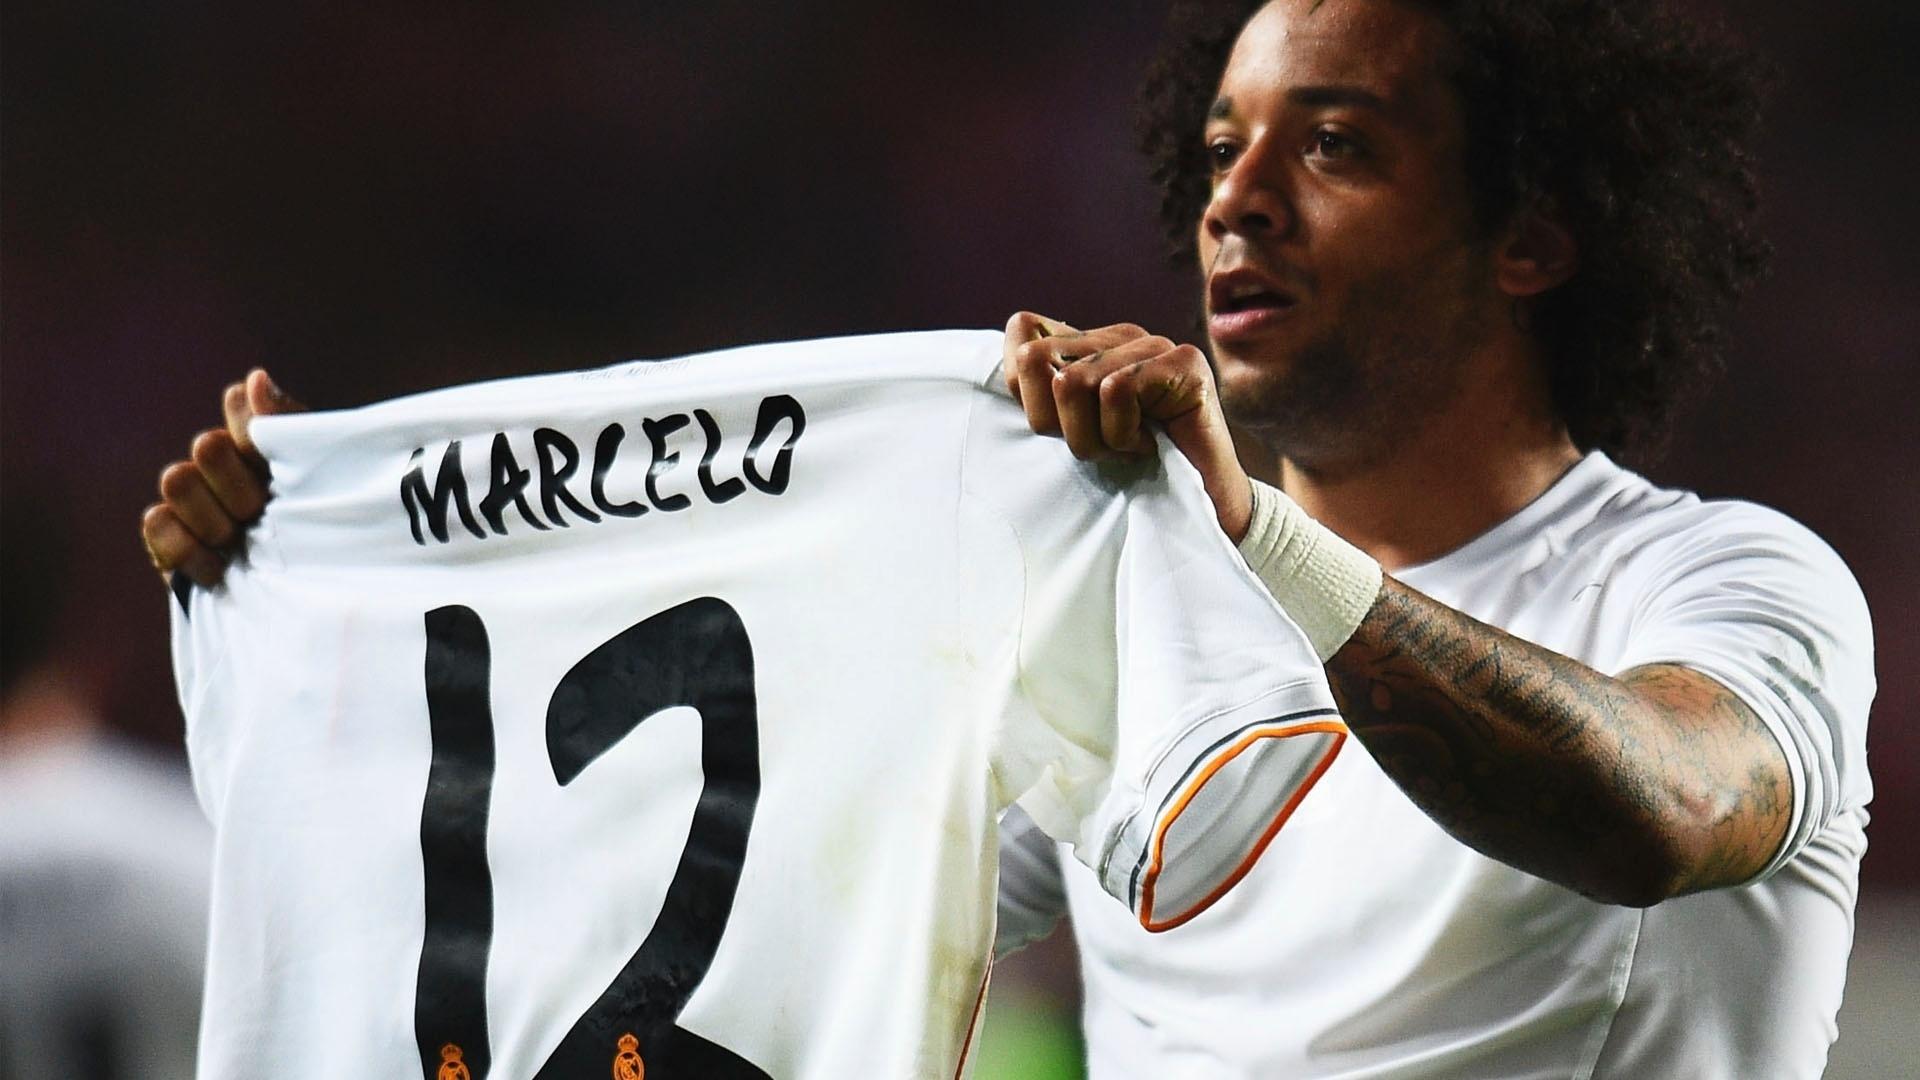 a6cd465fbe22e Marcelo faz 30 anos  veja 12 coisas que nem todos sabem sobre ele -  12 05 2018 - UOL Esporte